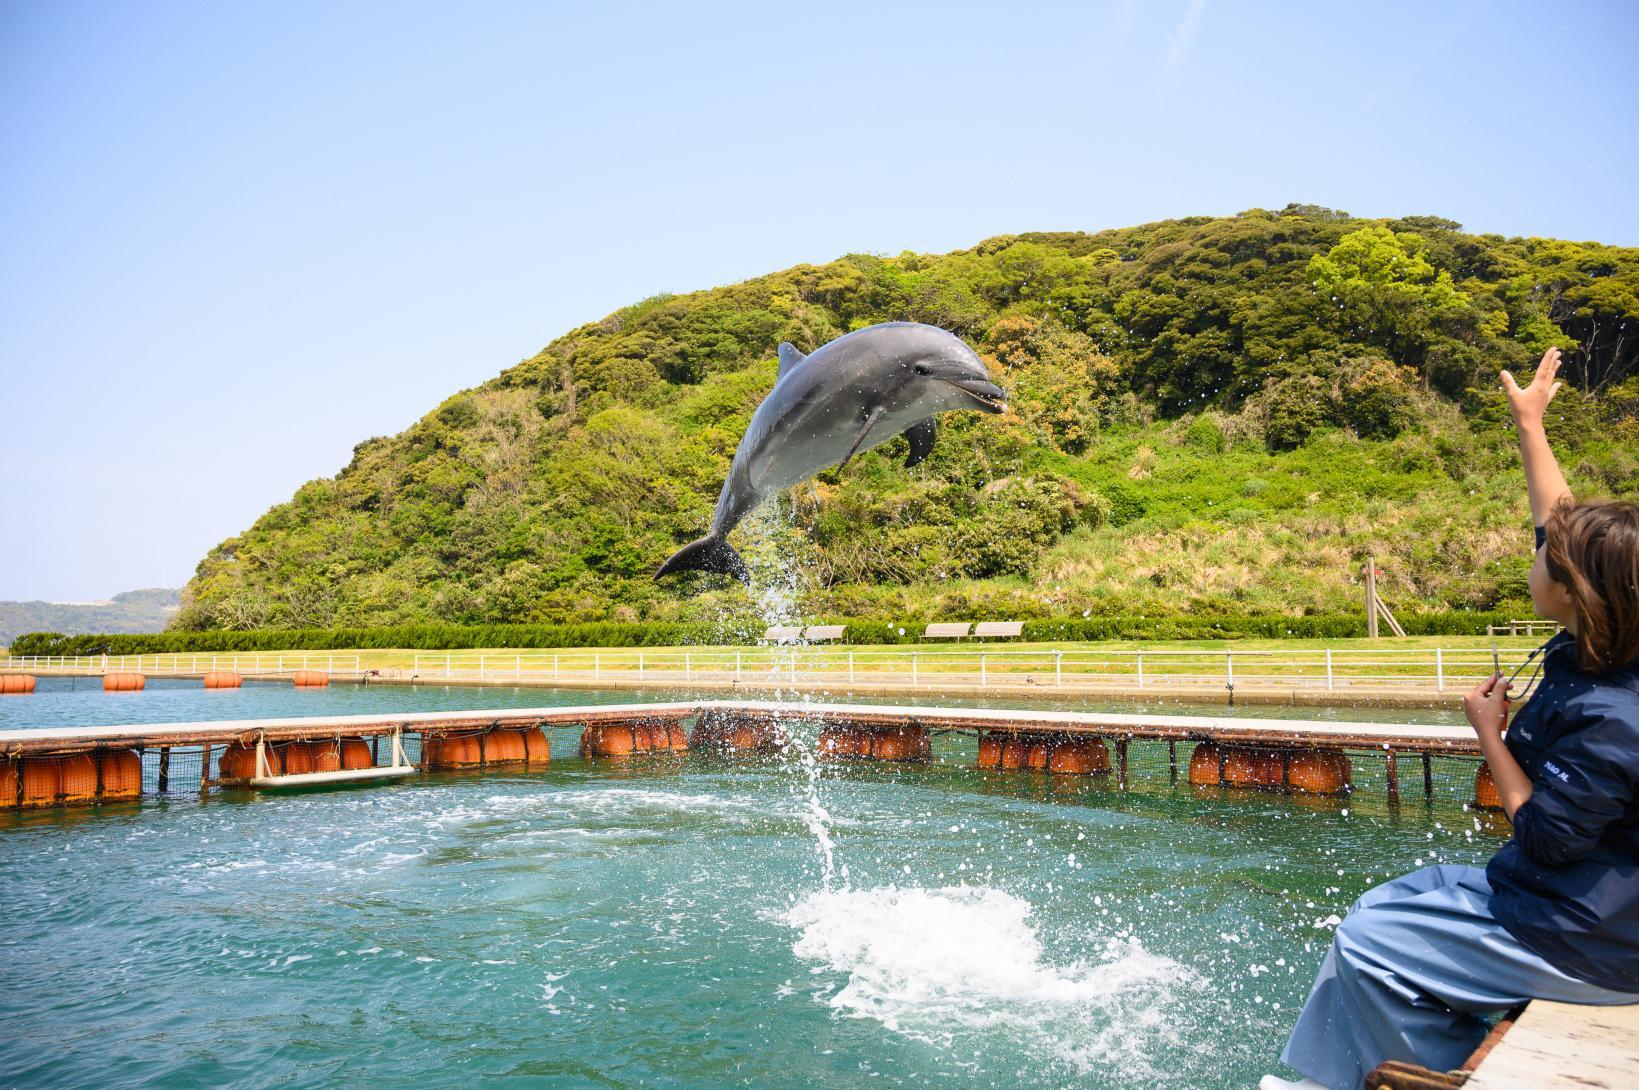 イルカと直に触れ合える!壱岐イルカパーク&リゾート